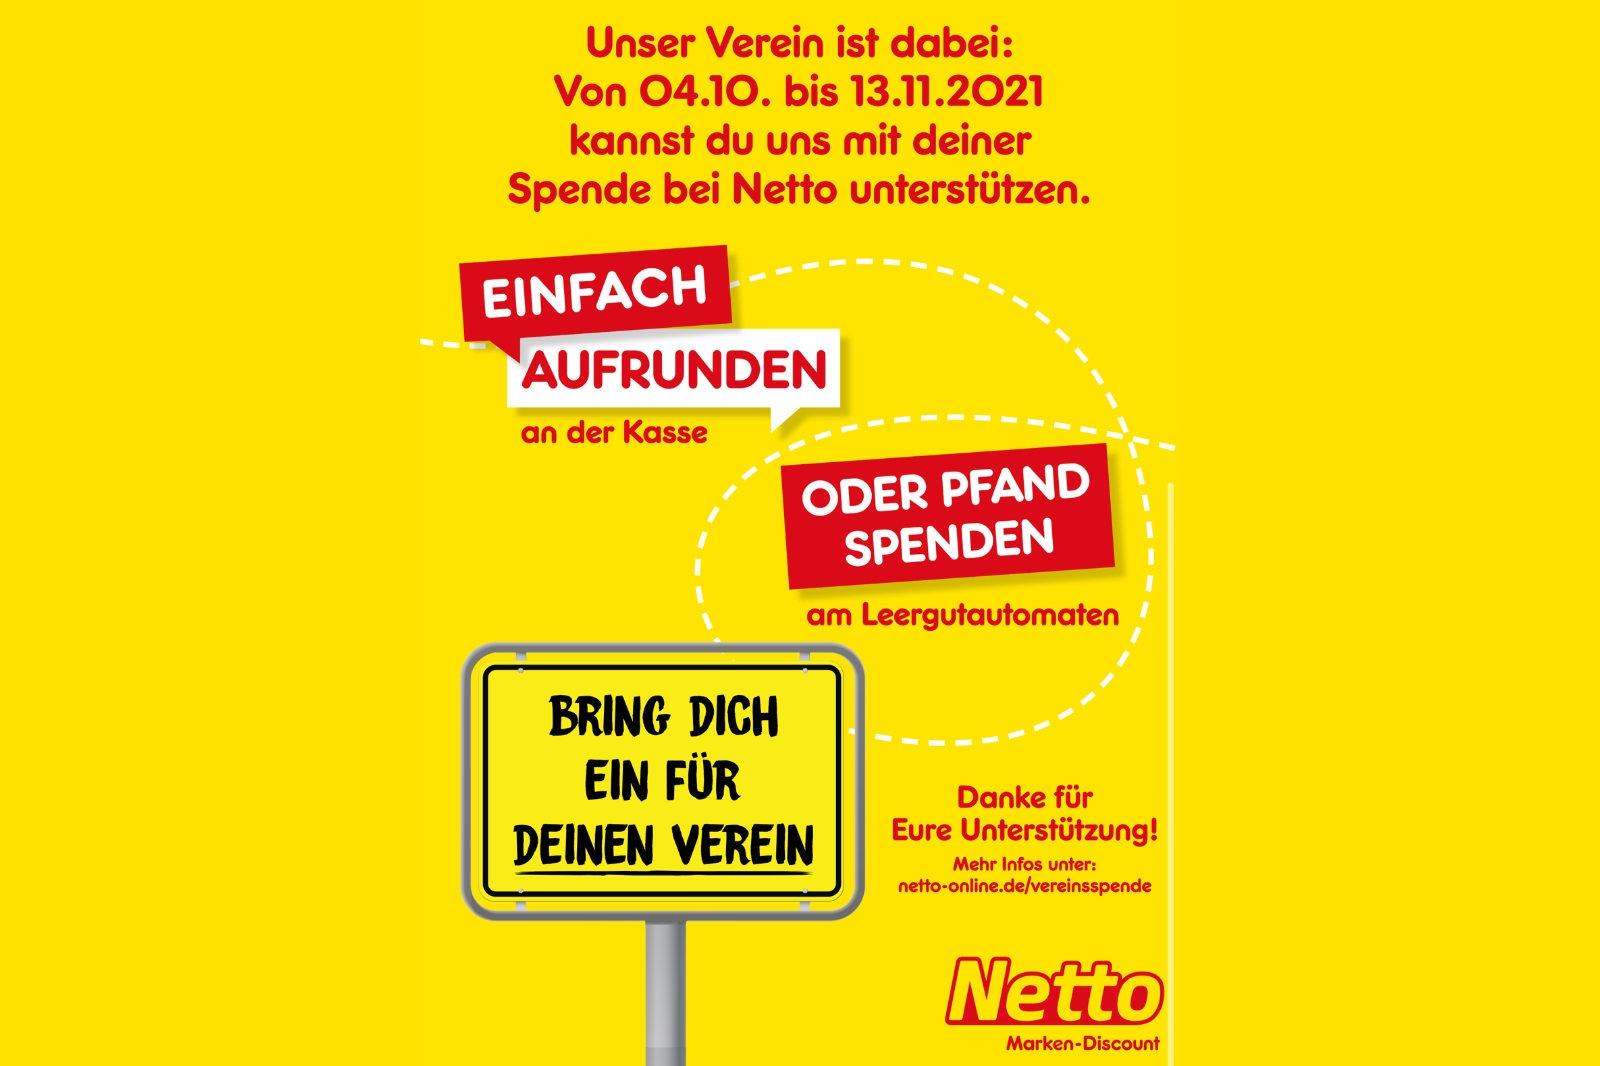 FHTC gewinnt bei Netto-Aktion 500 € und hofft auf Unterstützung